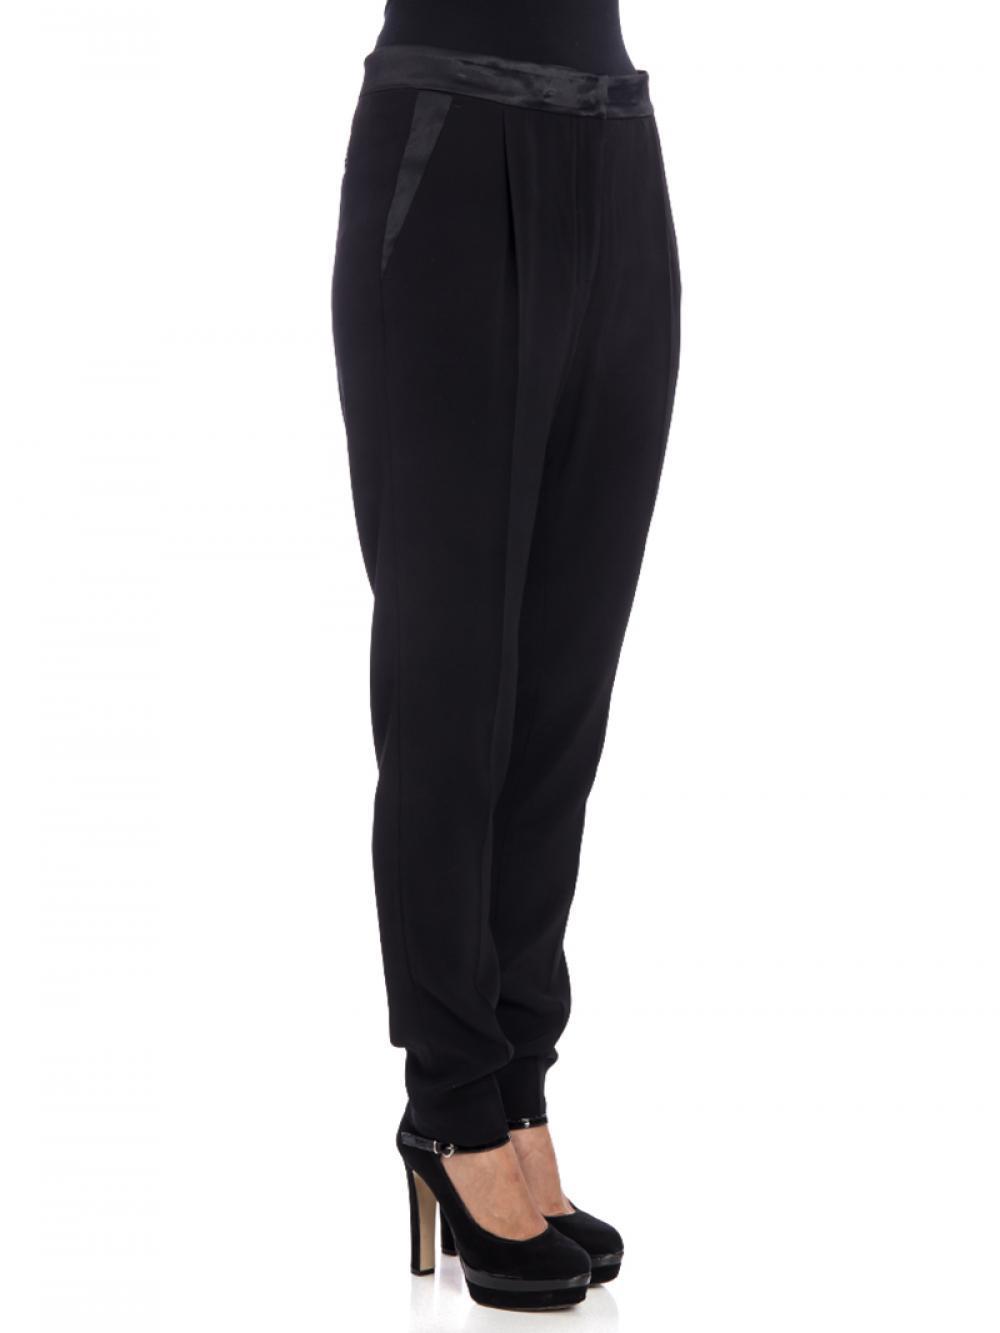 pantalone-in-misto-viscosa-donna-liu-jo-cod-i67057